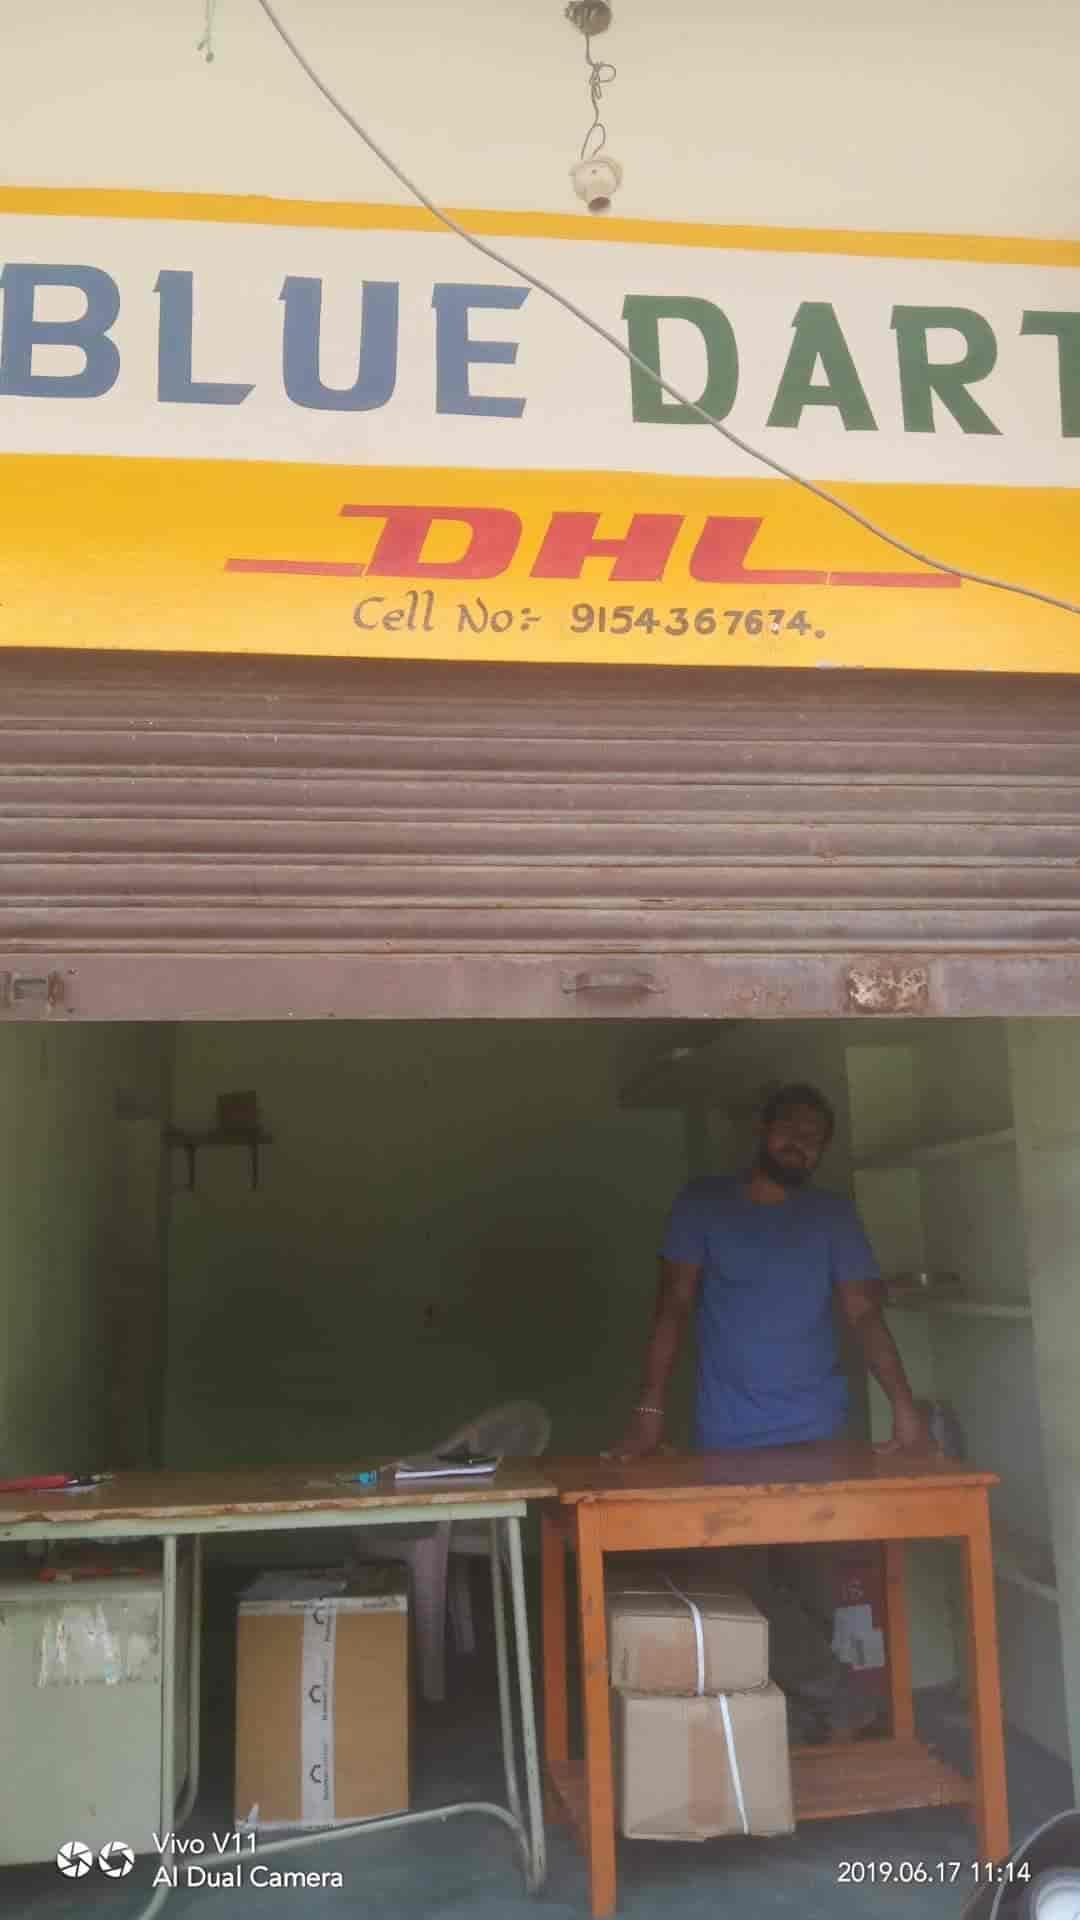 Bluedart Courier, Krishna Nagar - Courier Services in Gadwal - Justdial